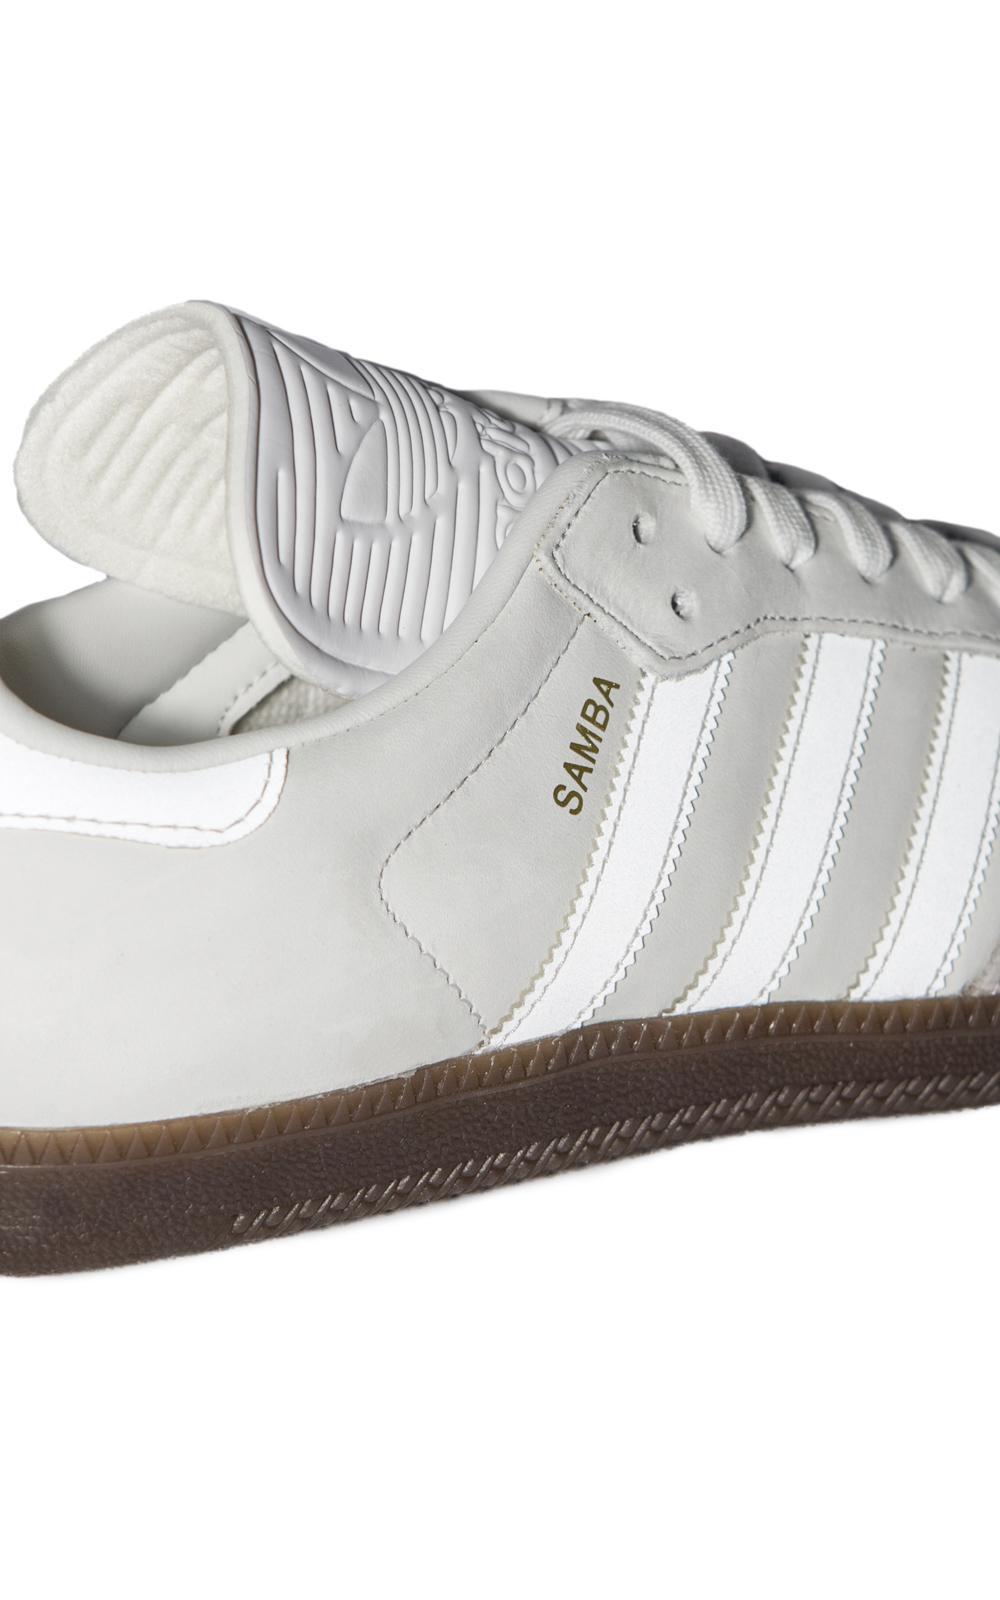 e40d56d57339 Lyst - adidas Originals Samba Classic Og Vintage White in White for Men